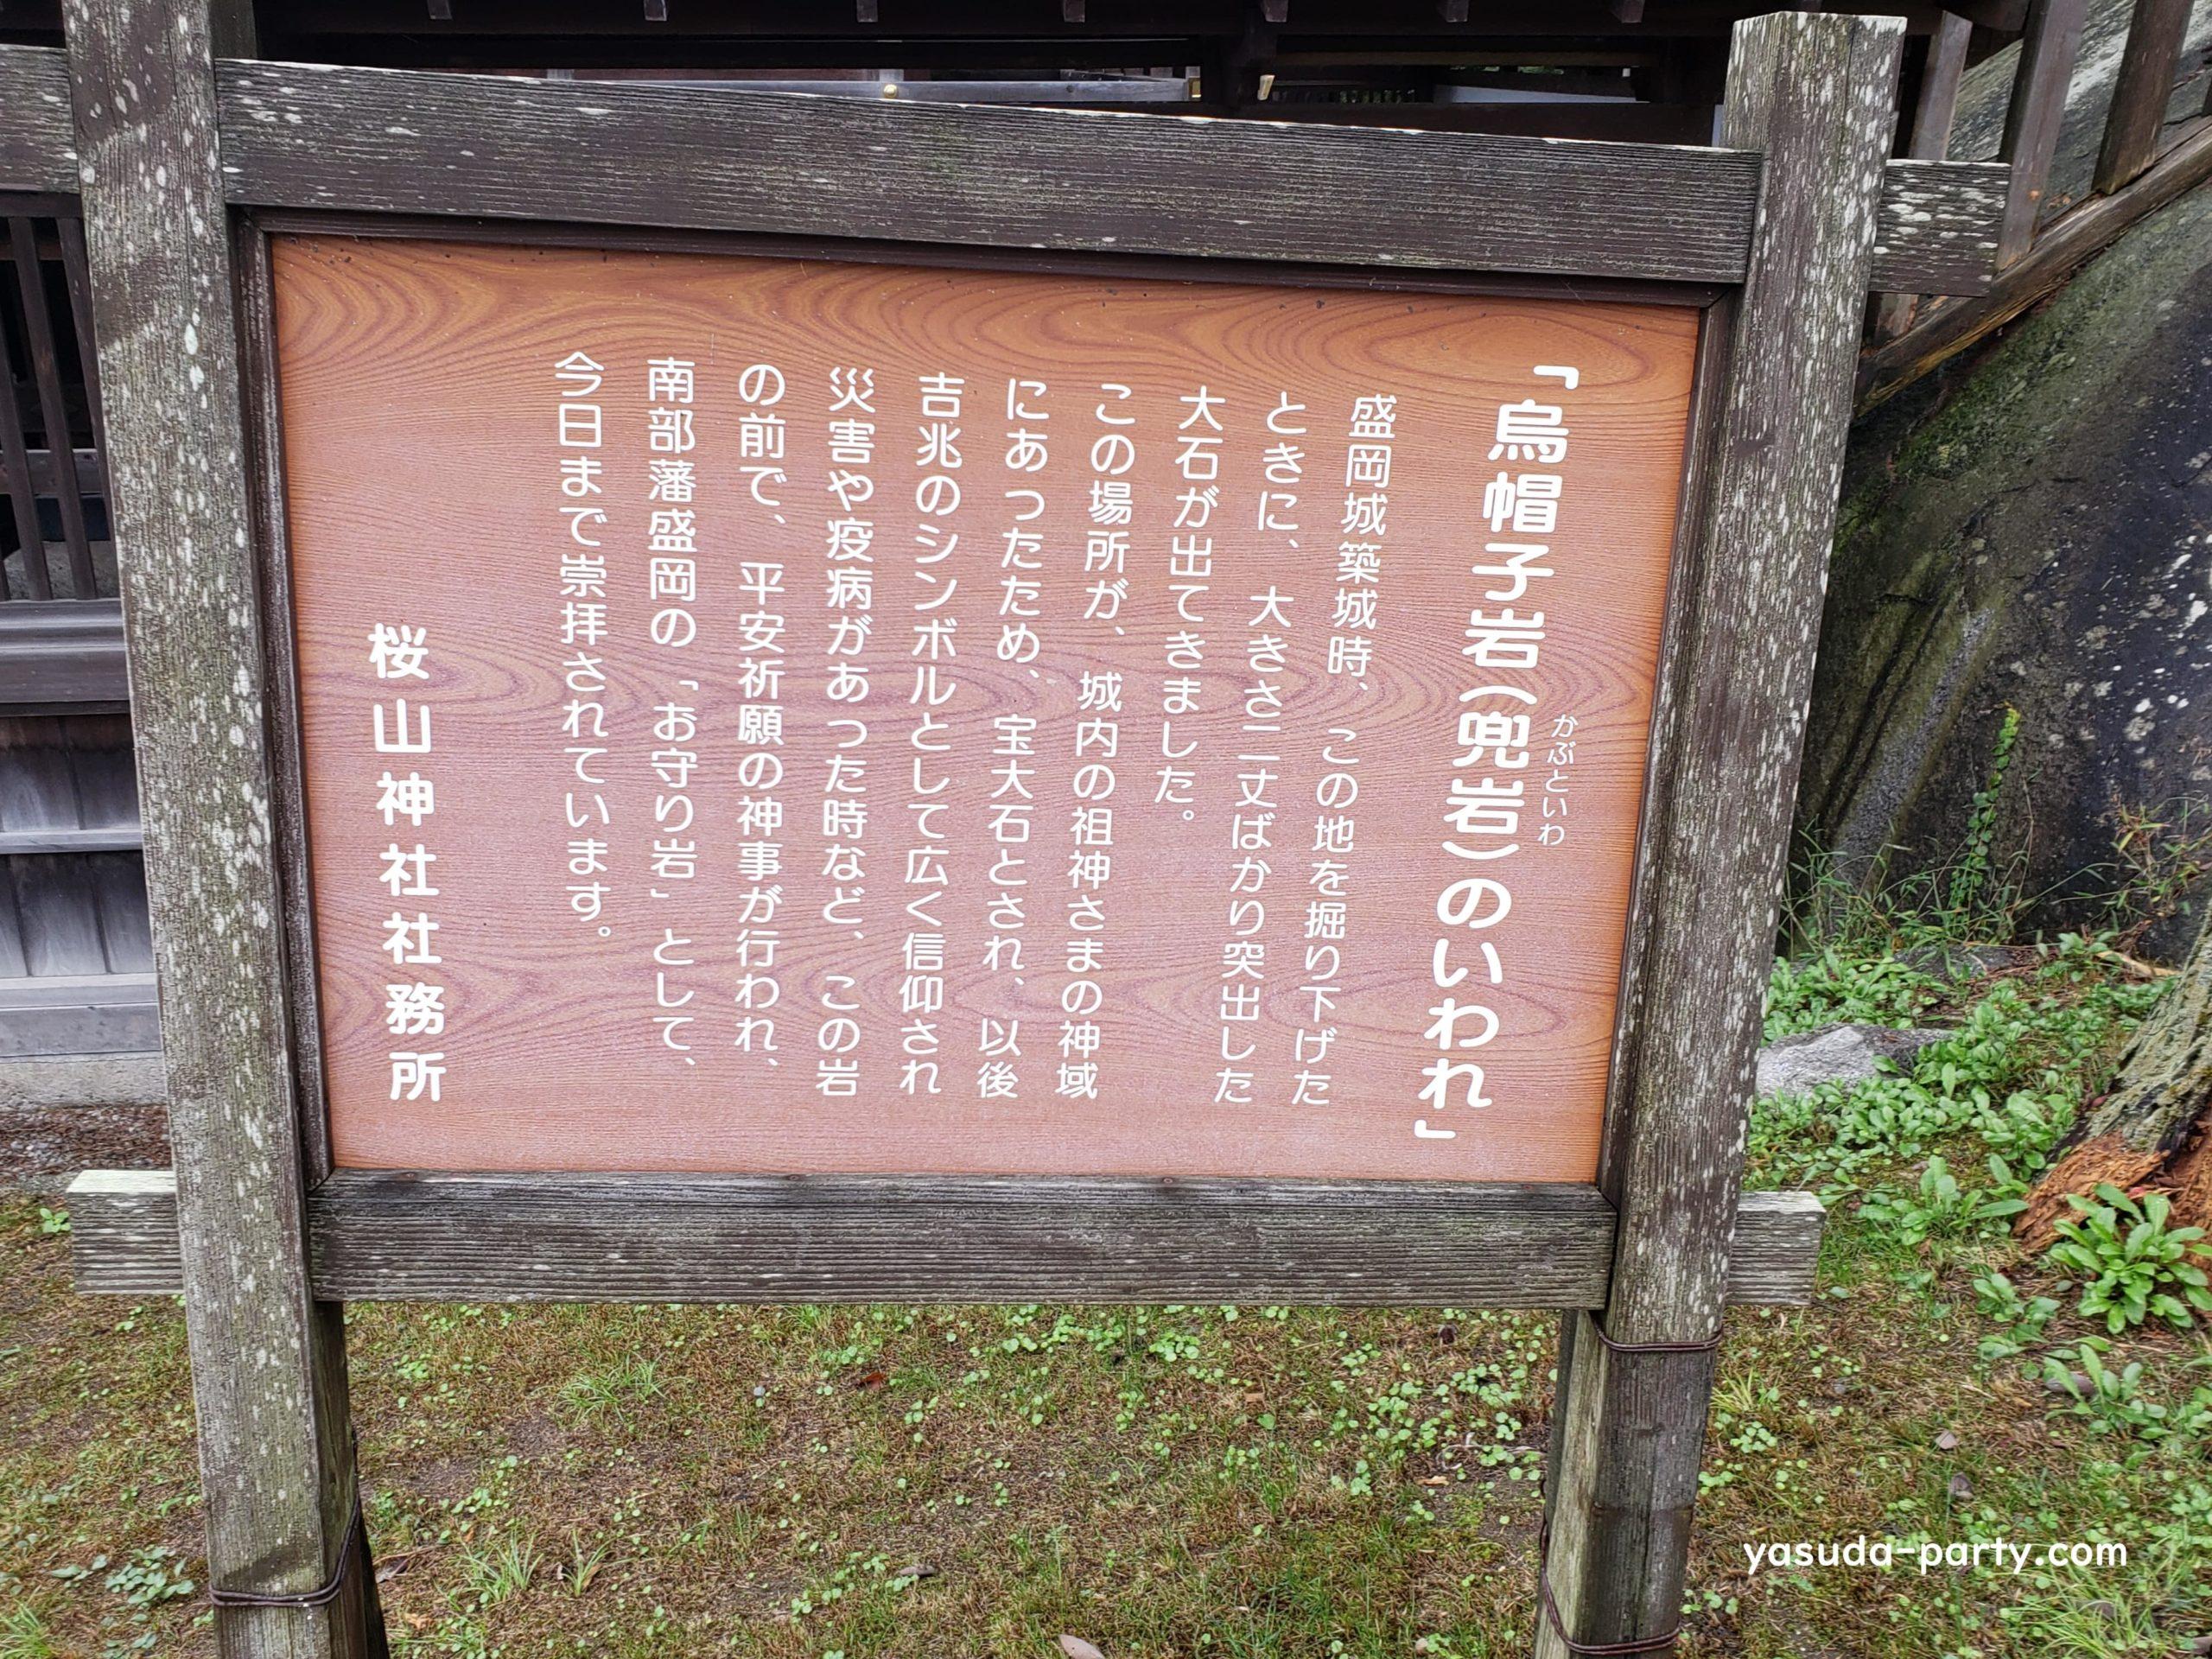 櫻山神社烏帽子岩のいわれ